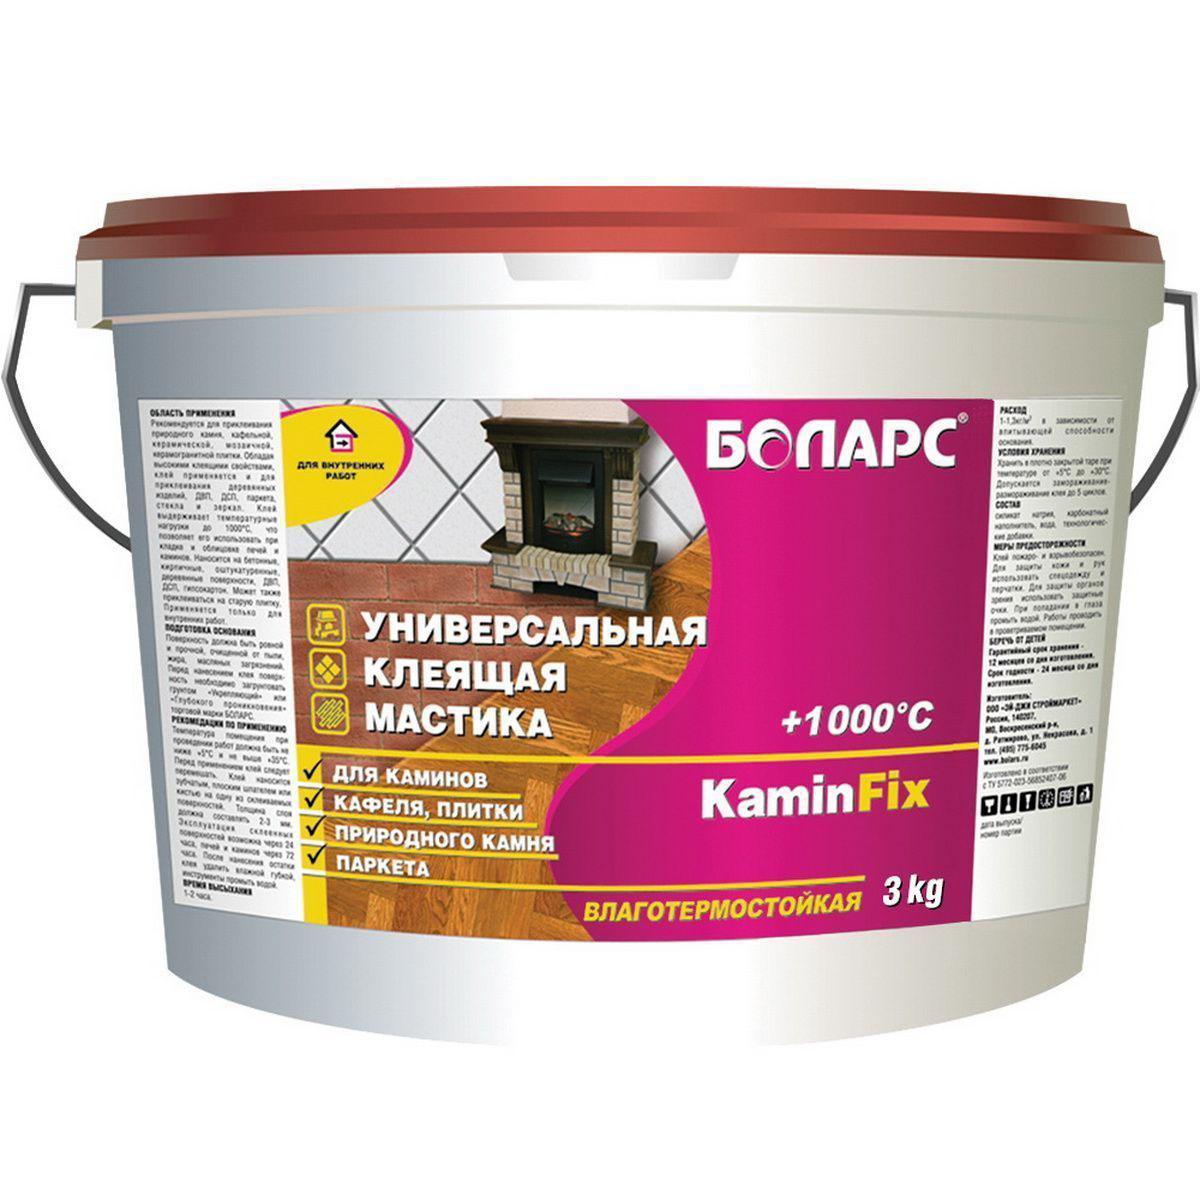 Клей Боларс Kaminfix, 3 кг00000000425Клей Боларс Kaminfix с высокой клеящей способностью предназначен для внутренних работ. Клей для приклеивания на впитывающие и не впитывающие основания природного и керамогранитного камня, кафельной, керамической, мозаичной плитки. Универсальный клей с широким диапазоном применения для приклеивания стекла и зеркал, линолеума, ковролина. Выдерживает температурные нагрузки до 1000°С, что позволяет применять его при кладке и облицовке каминов. Цвет: бежевый.Время высыхания: 24 часа; полное отверждение: 6 суток.pH: 9,0-11,0Расход: 0,8-1,0 кг/м2.Адгезия: не менее 0,6 МПа.Адгезия после нагревания до 1000 °С: не менее 0,4 МПа.Морозостойкость при транспортировке: 5 циклов.Температура проведения работ: +5°С +30°С.Температура эксплуатации: +5°С +1000°С.Гарантийный срок хранения - 6 месяцев со дня изготовления, в оригинальной невскрытой упаковке изготовителя.Срок годности - 12 месяцев со дня изготовления, в оригинальной невскрытой упаковке изготовителя.